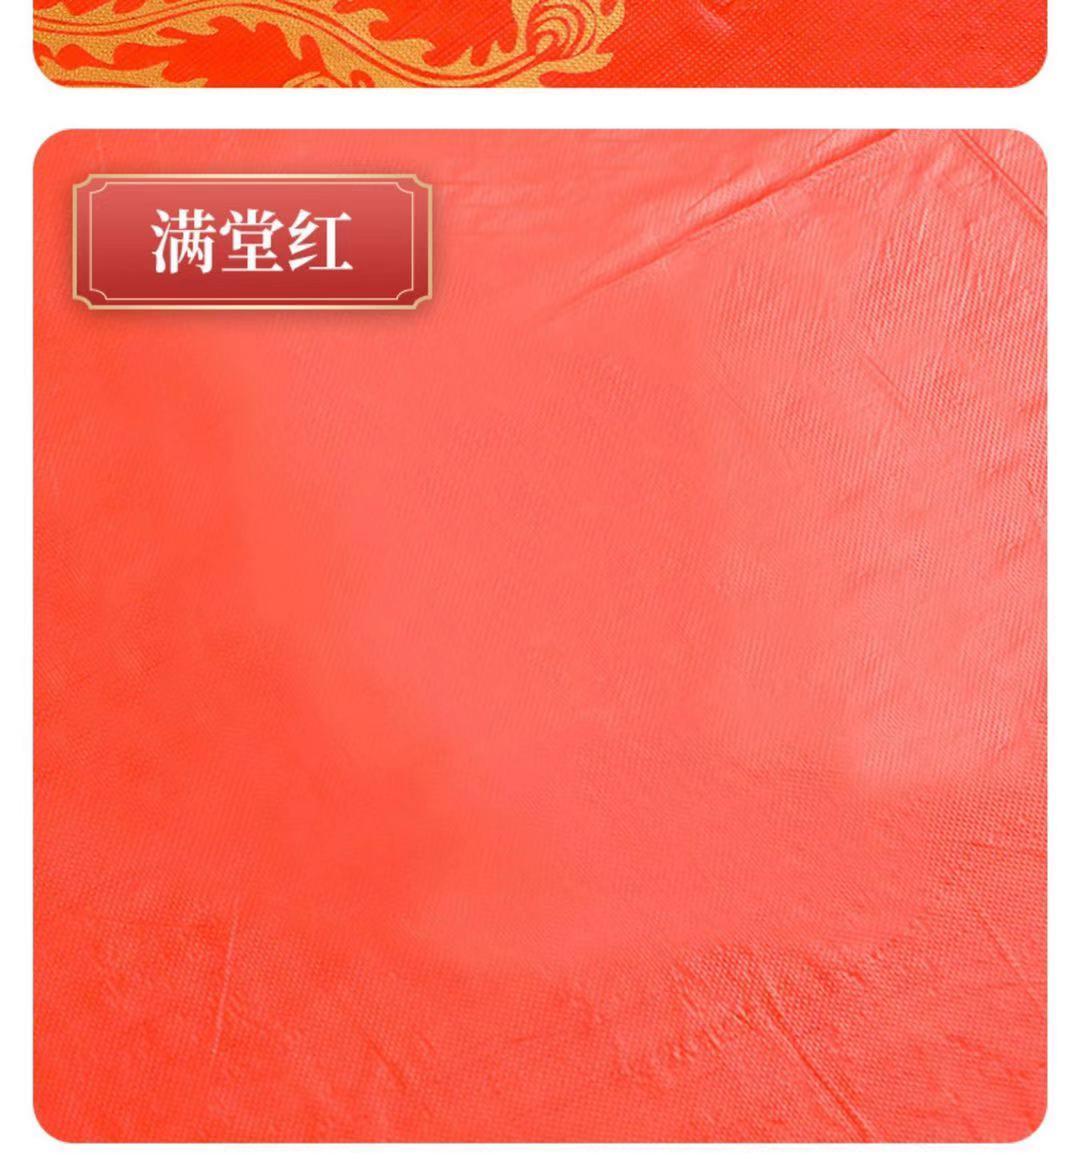 一次性桌布加厚张喜宴婚庆红色喜字圆桌长方形家用餐桌布桌布详细照片